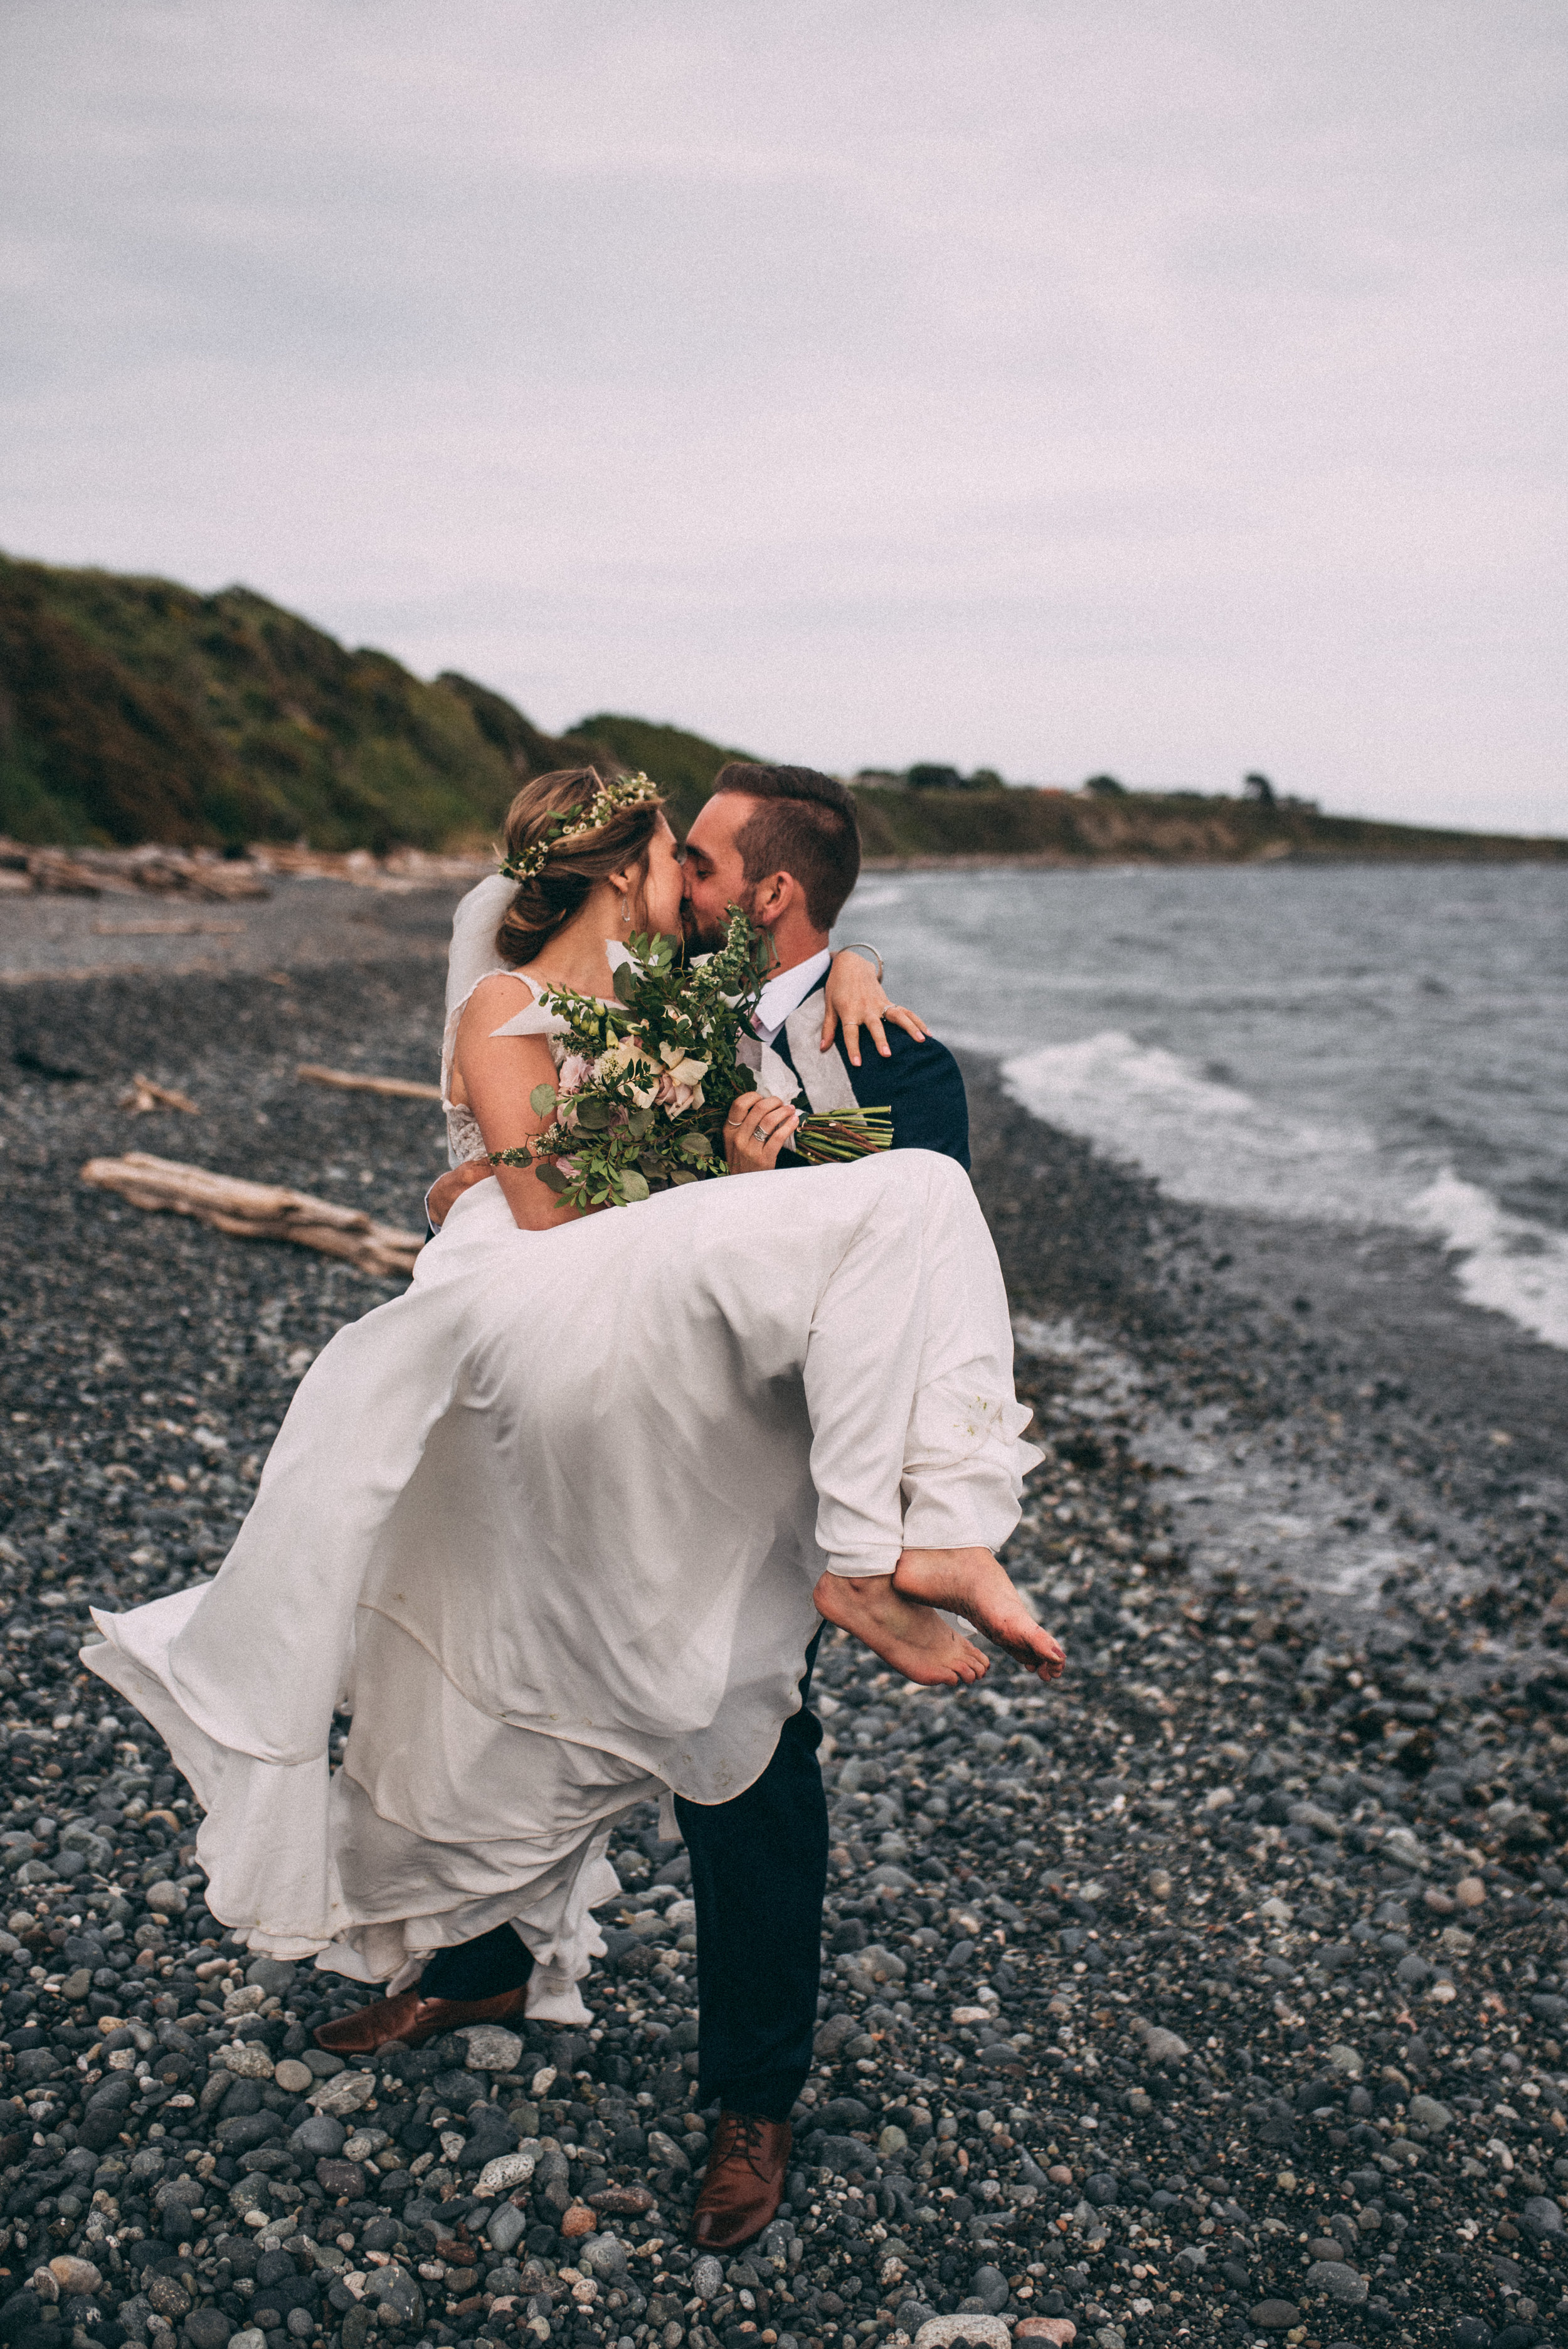 Amanda&EricMoisanVictoriaWedding-May26,2018-LauraOlsonPhotography-7733-3.jpg